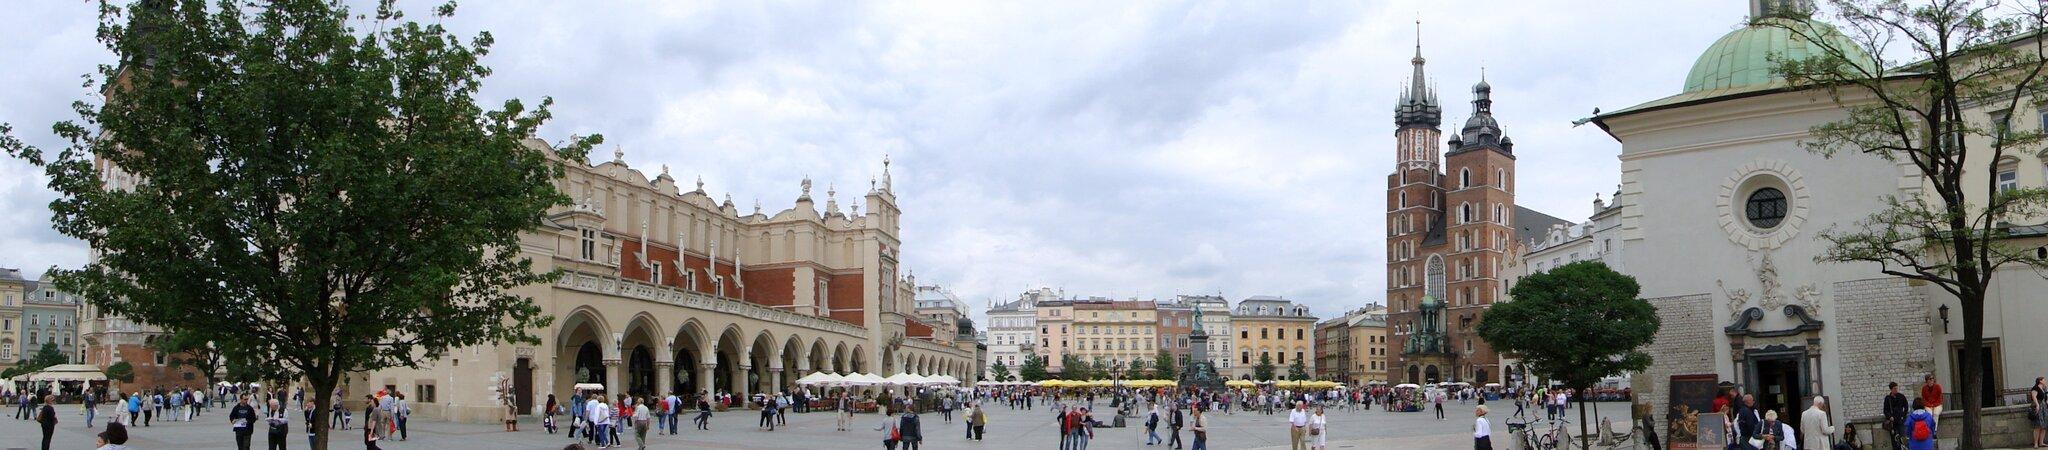 Kraków Kraków Źródło: Jędrycha, licencja: CC BY-SA 3.0.